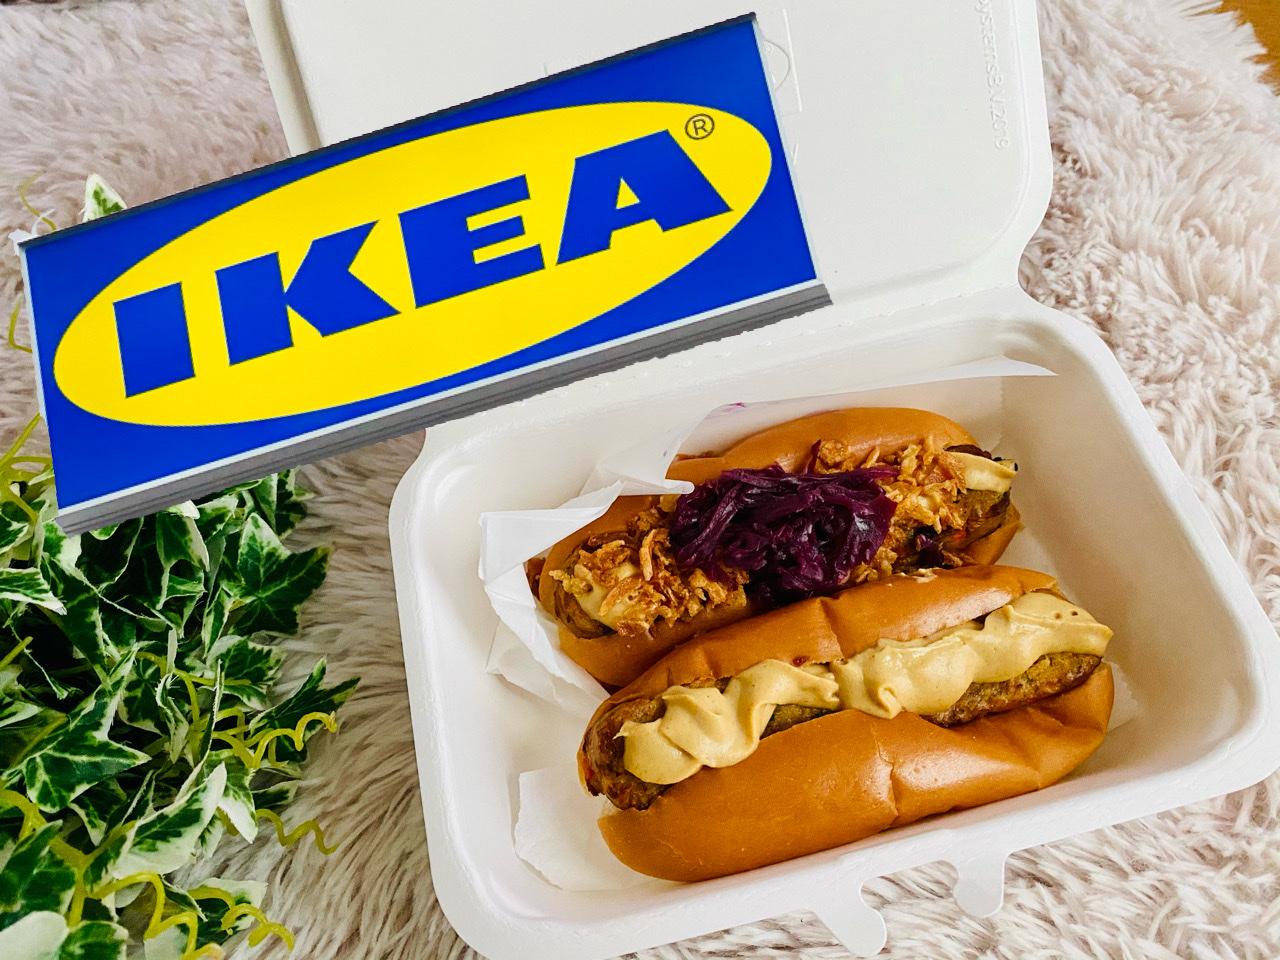 【IKEA渋谷】安すぎてヤバい!と大人気★コスパ最強《ベジドッグ》は絶対食べて♡_7